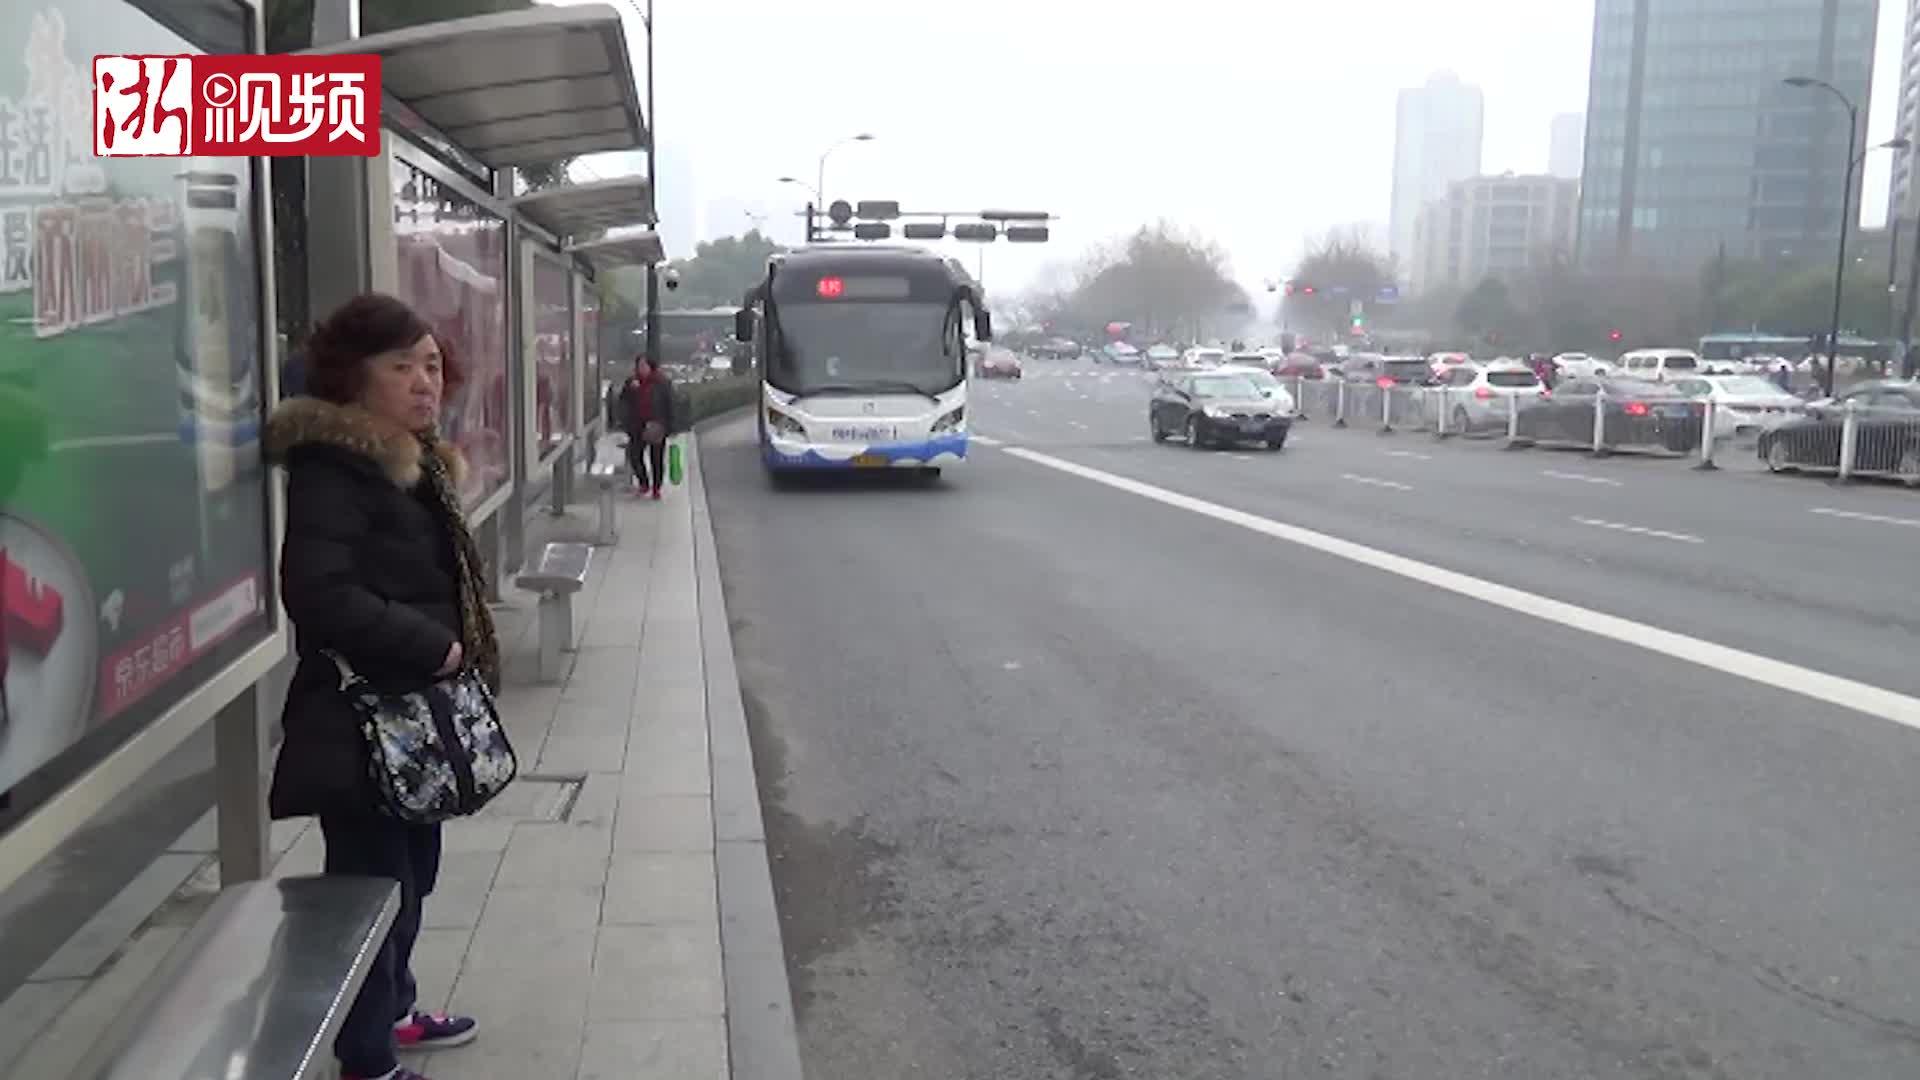 杭州:8路车老司机安全行驶132公里 车队举办欢送会